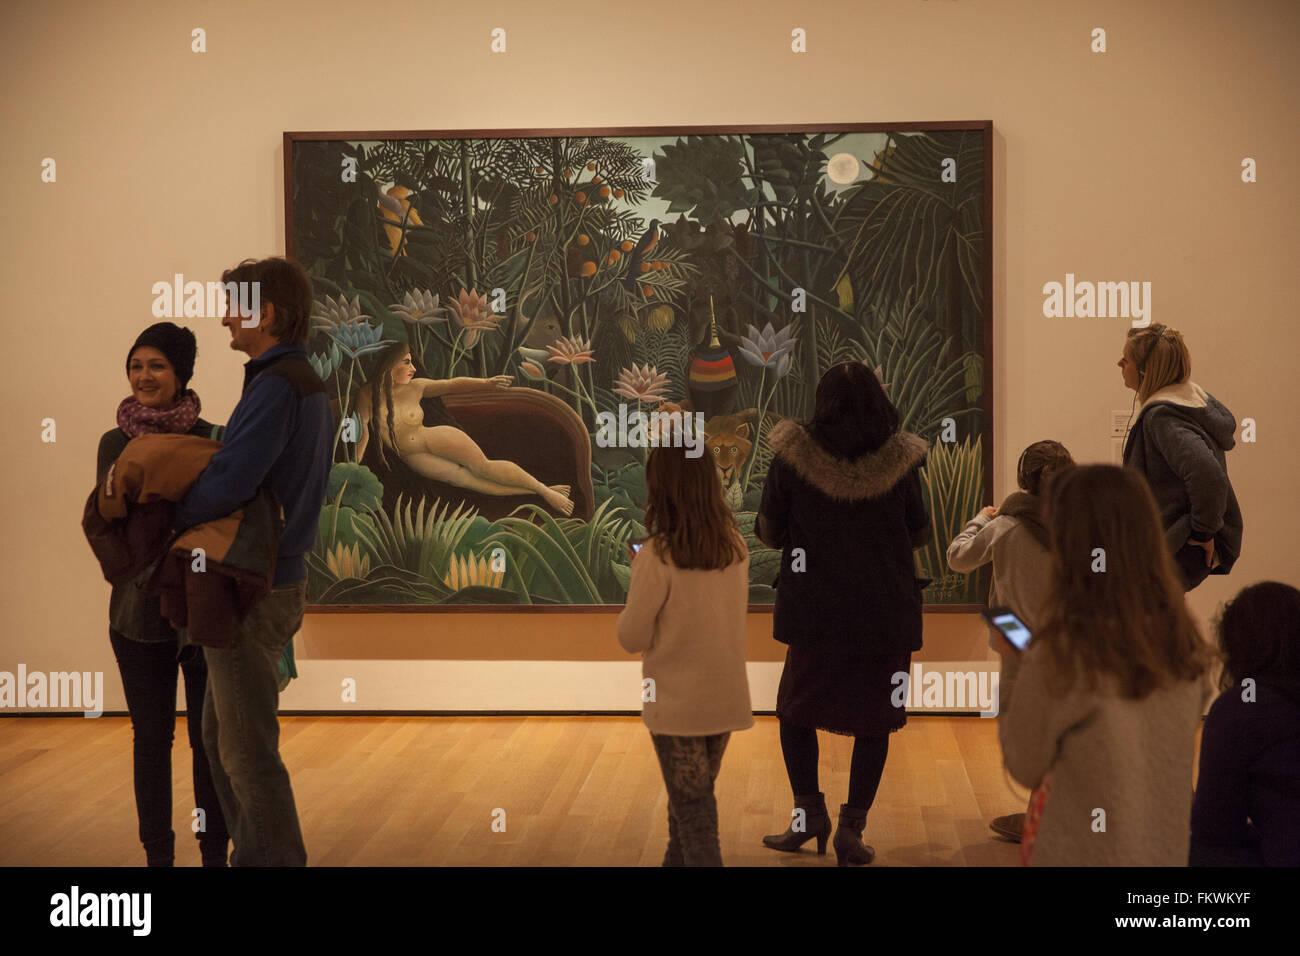 Henri Rousseau il sogno, 1910, il Museo di Arte Moderna di New York City. Immagini Stock